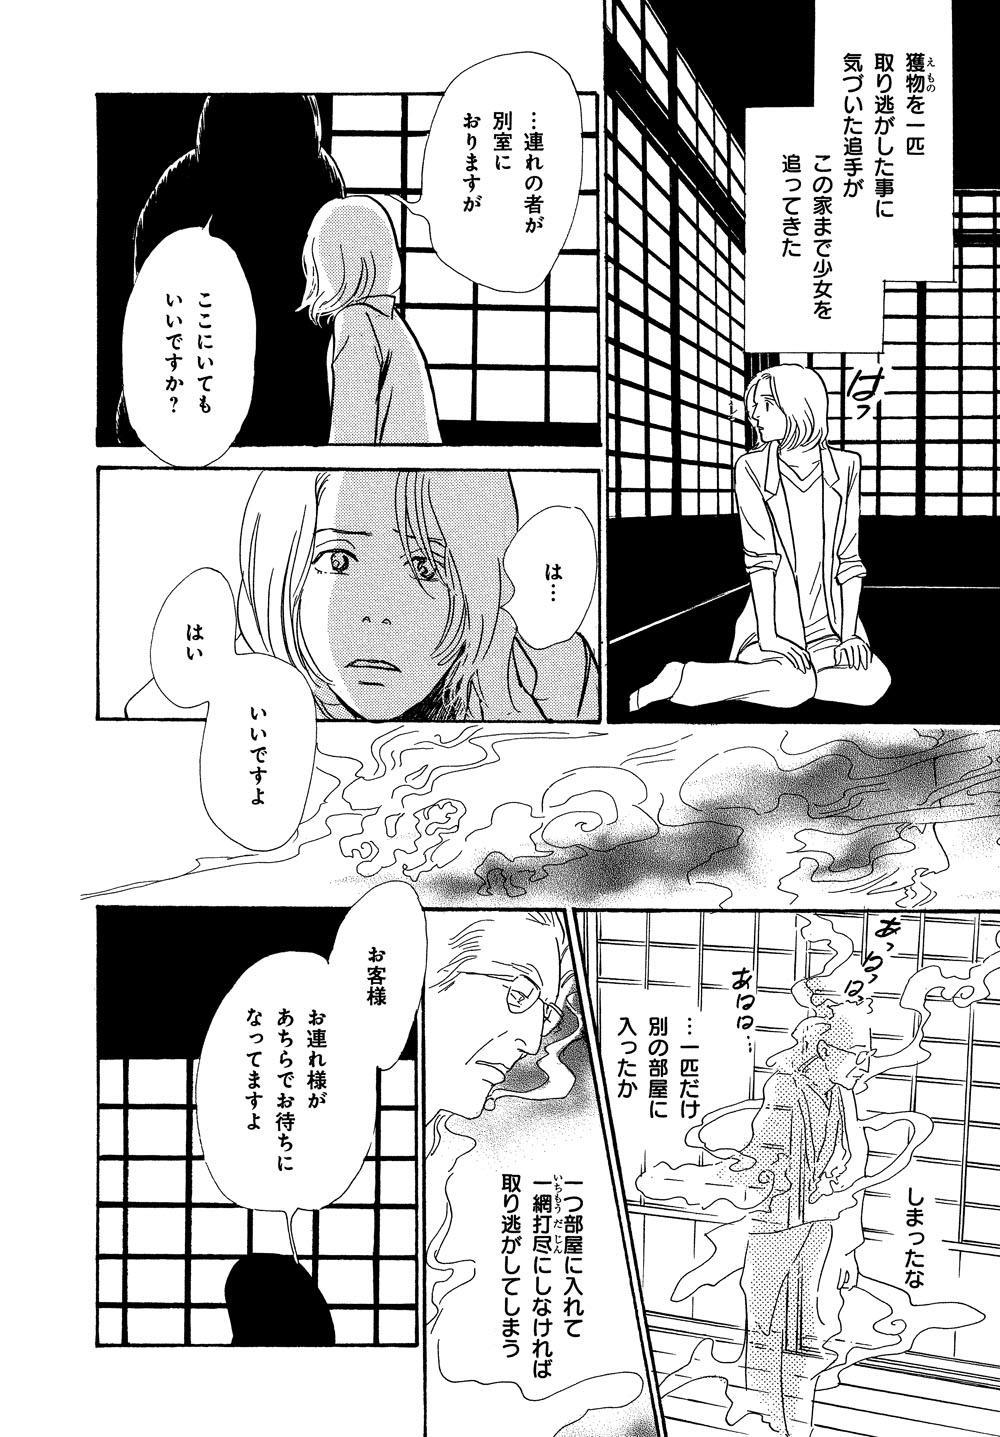 hyakki_0020_0046.jpg